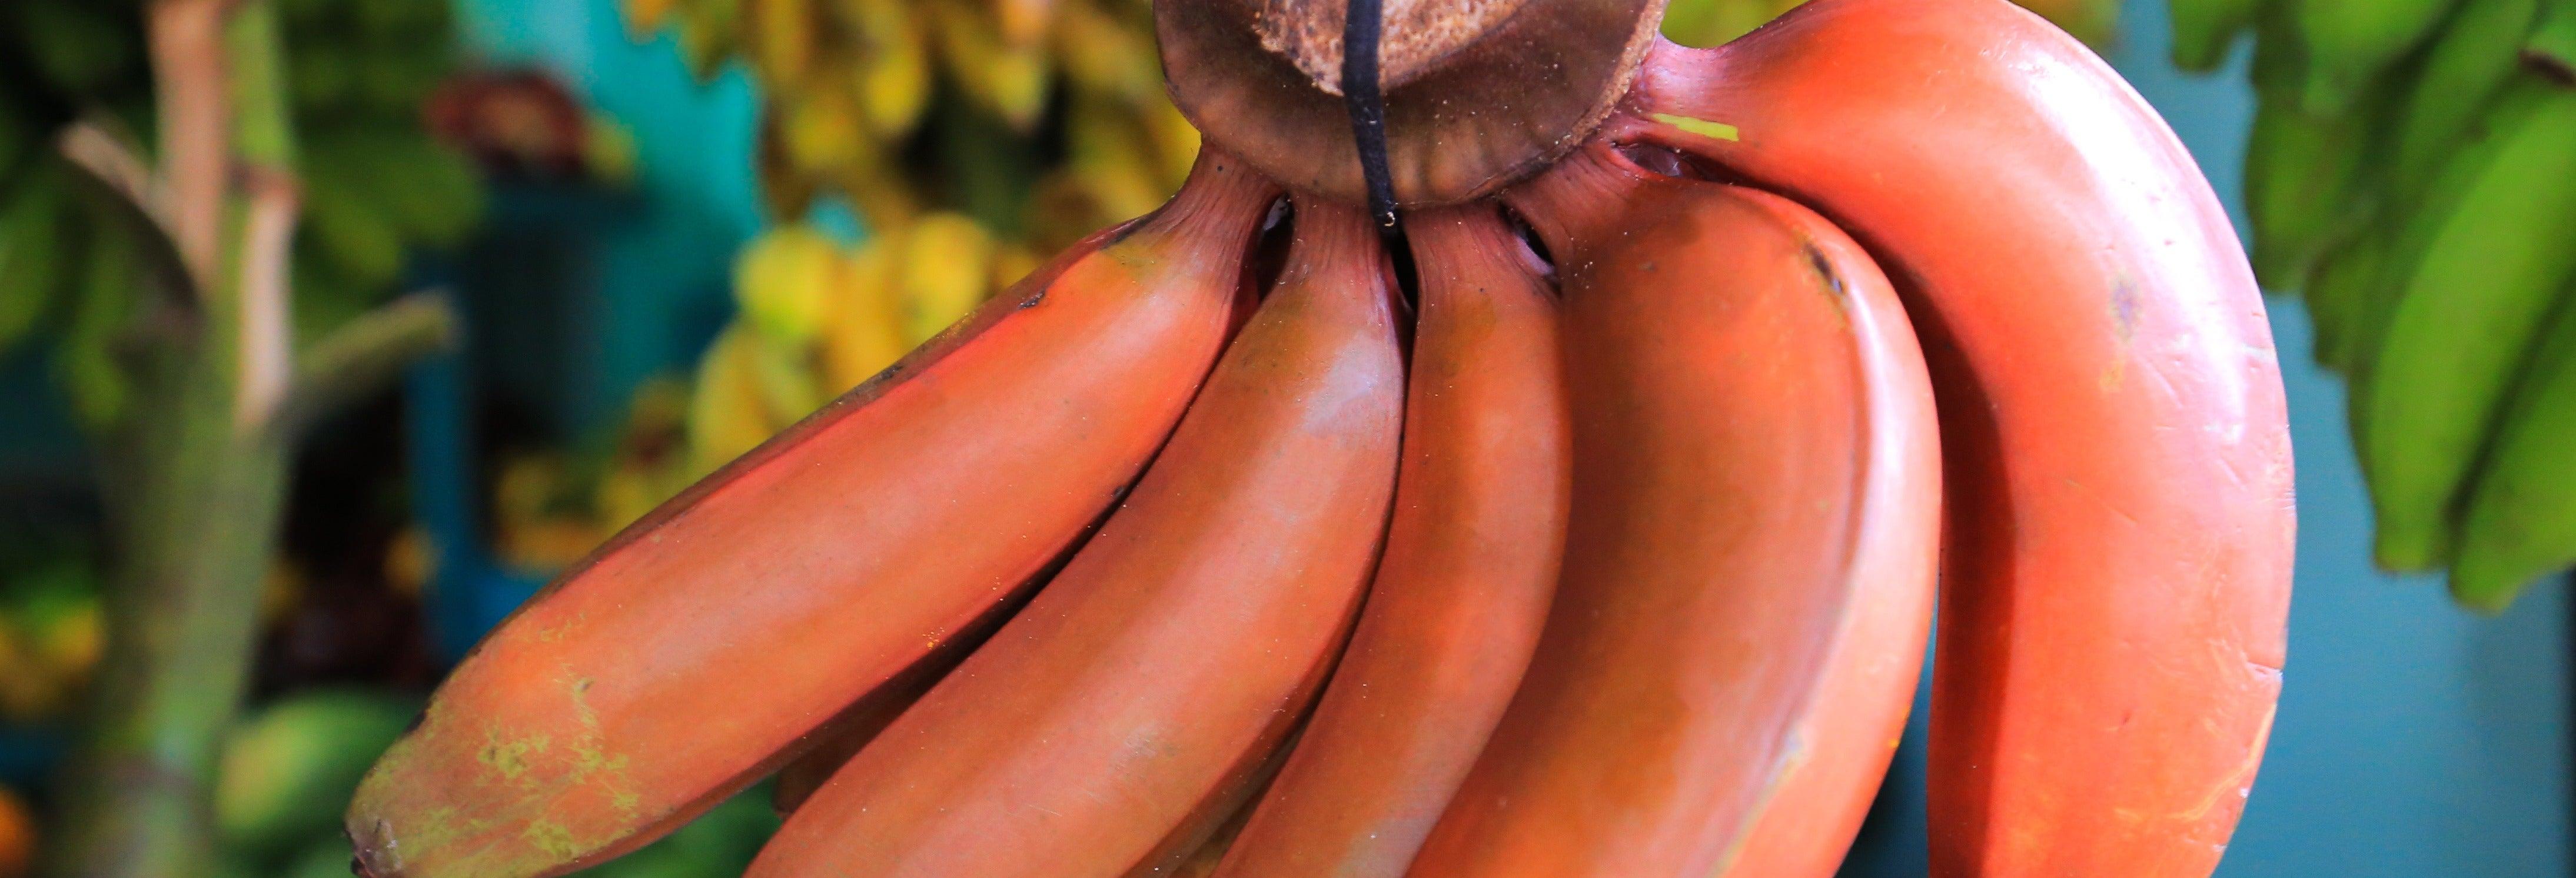 Tour del banano